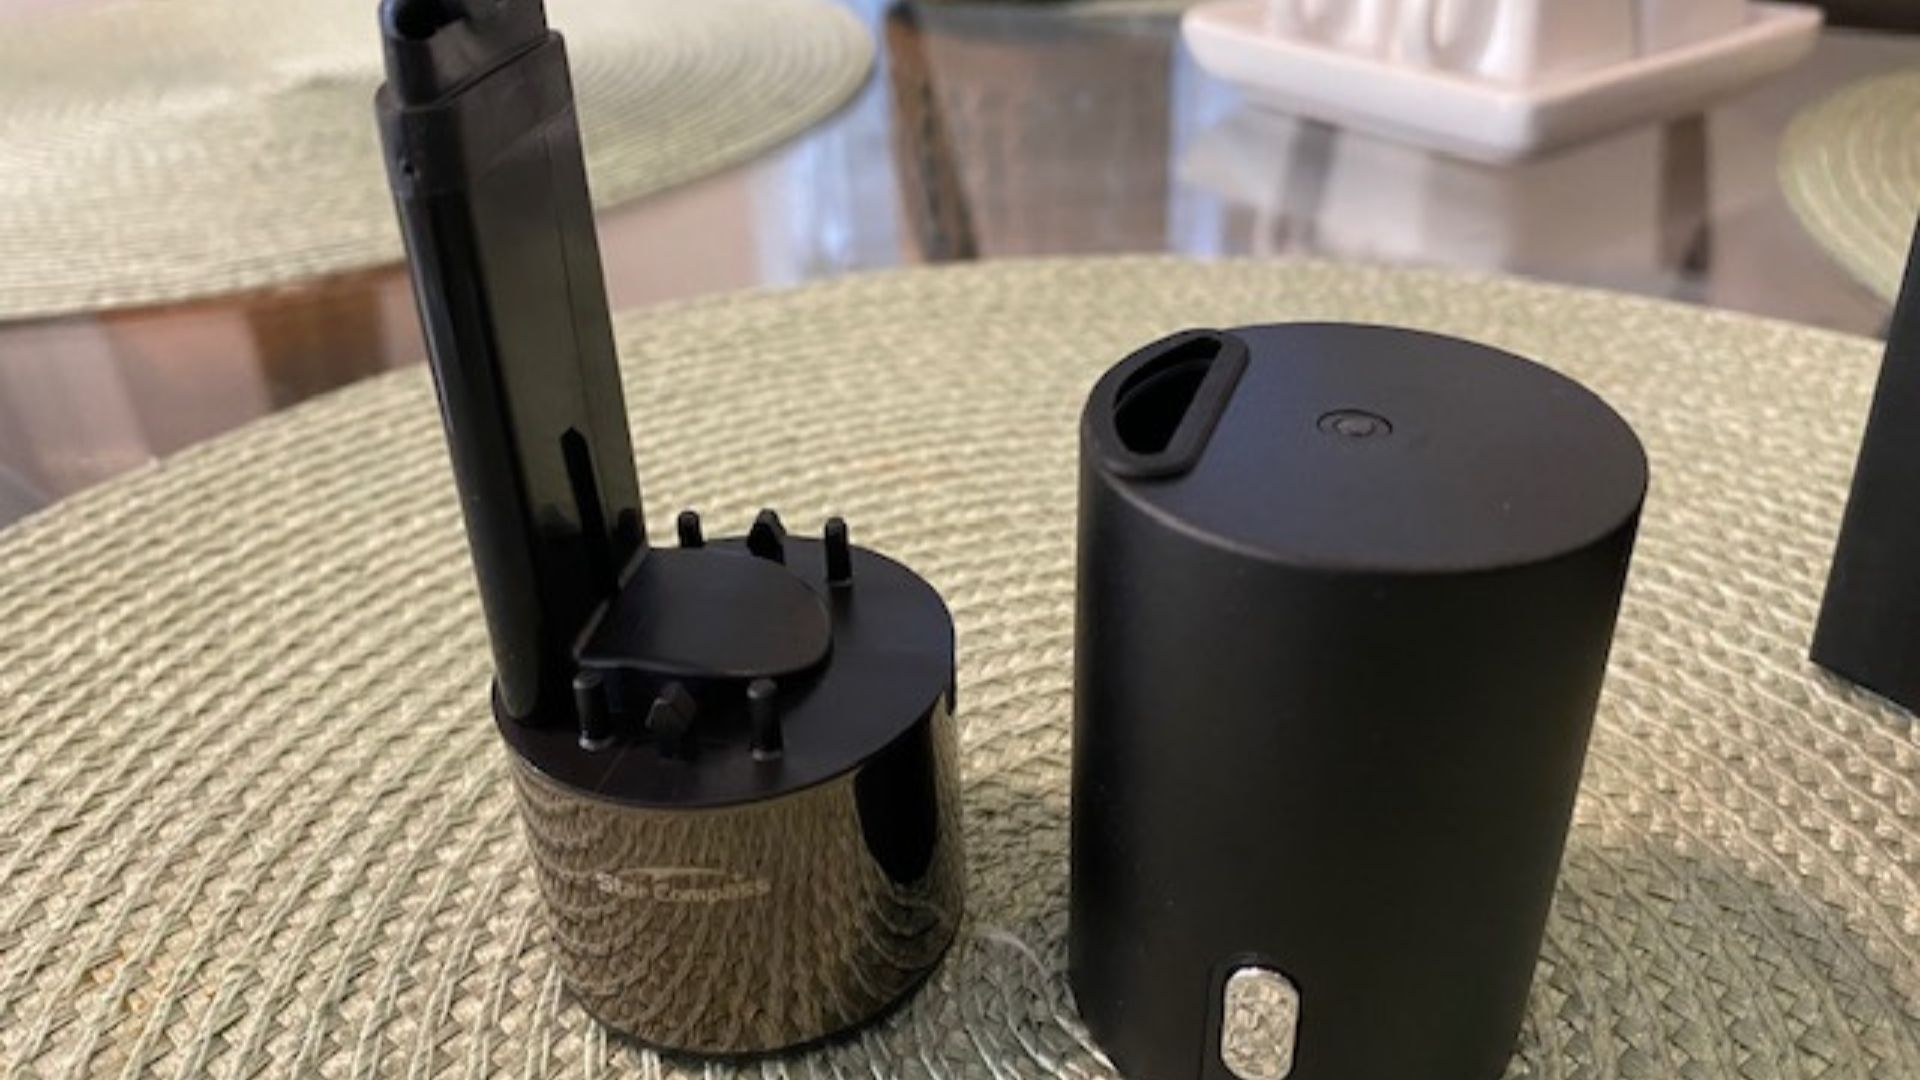 O aparelho possui duas partes que se encaixam (Foto: Arquivo Pessoal / Leonor Militão)